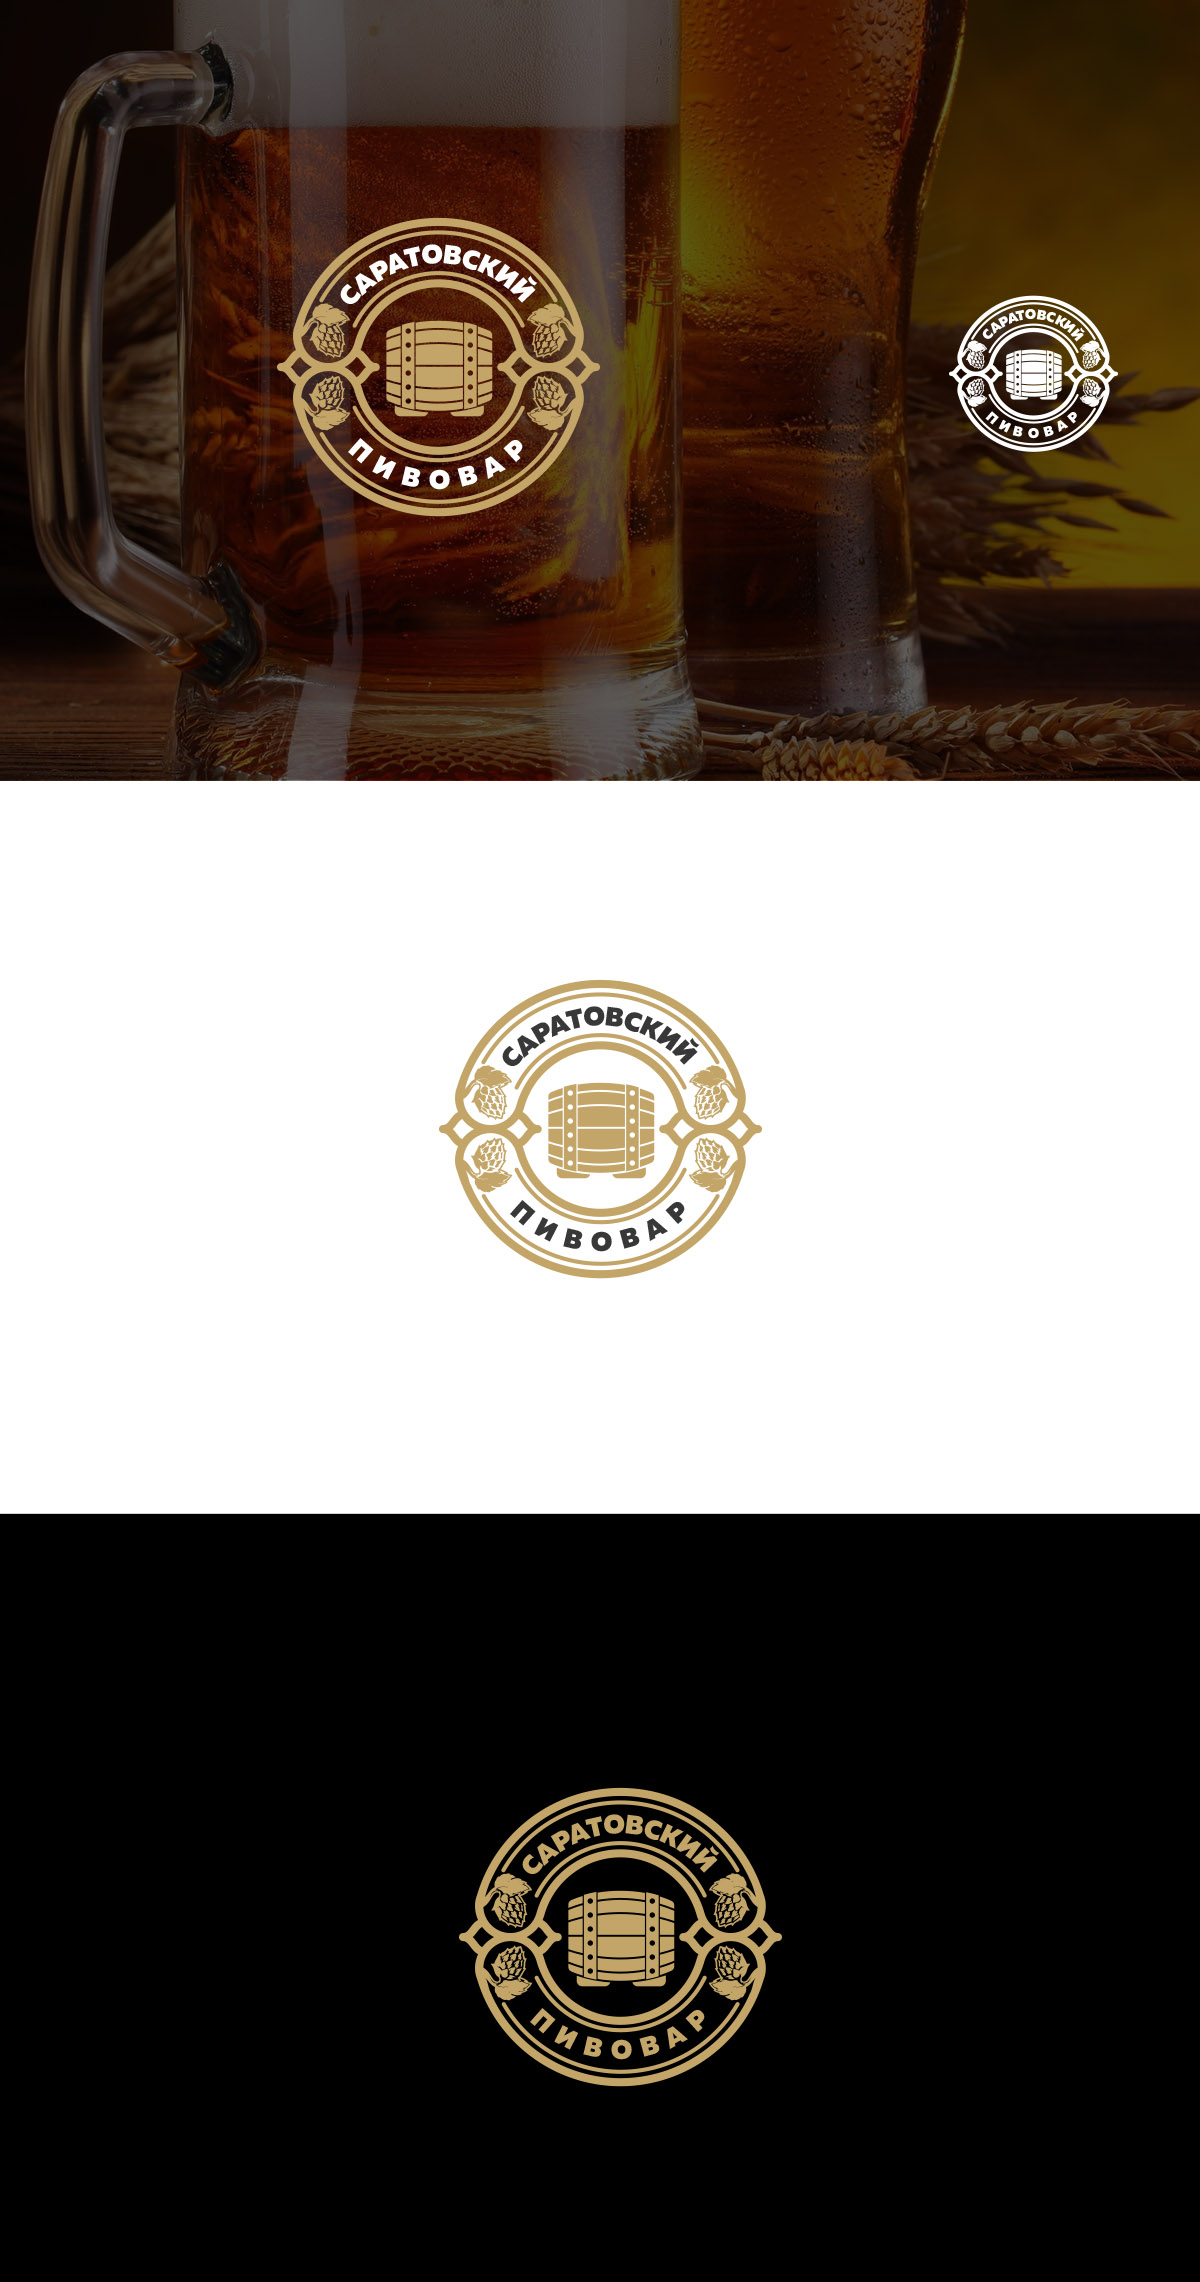 Разработка логотипа для частной пивоварни фото f_7275d7c160c7af5c.jpg